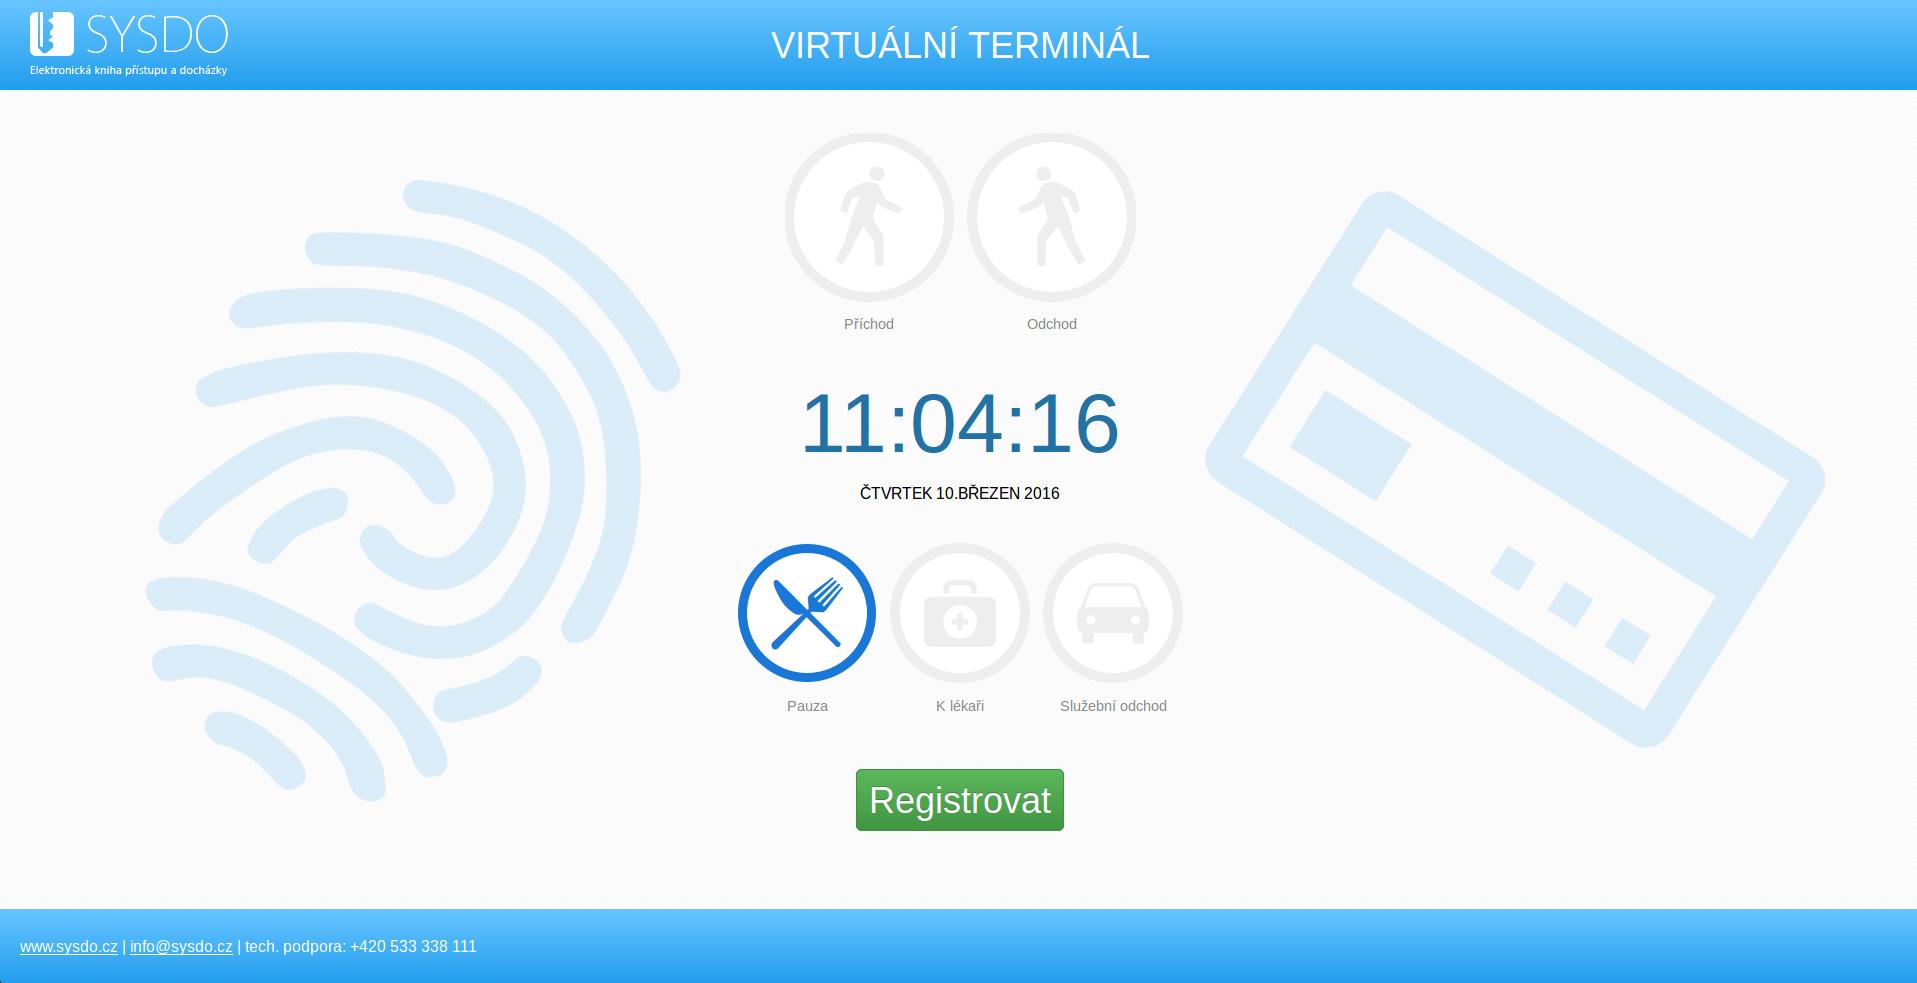 virtuální terminál